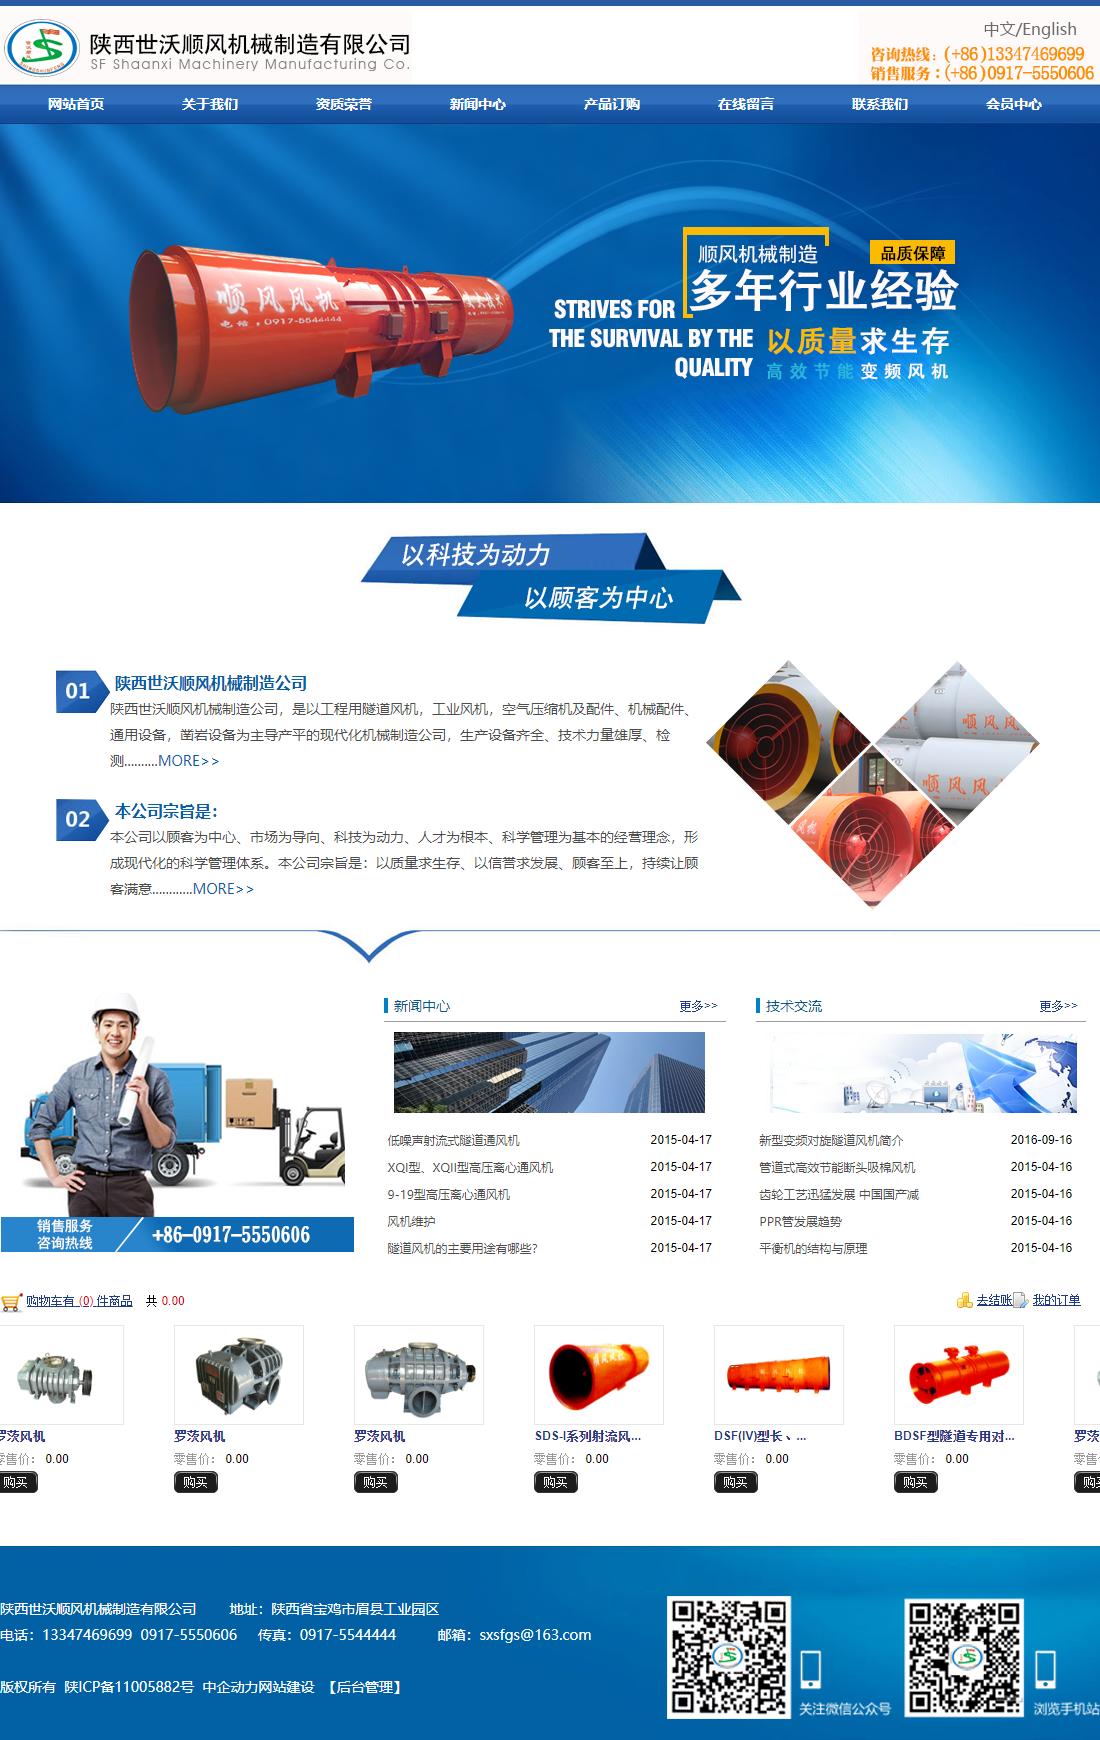 陕西顺风机械制造有限公司网站案例